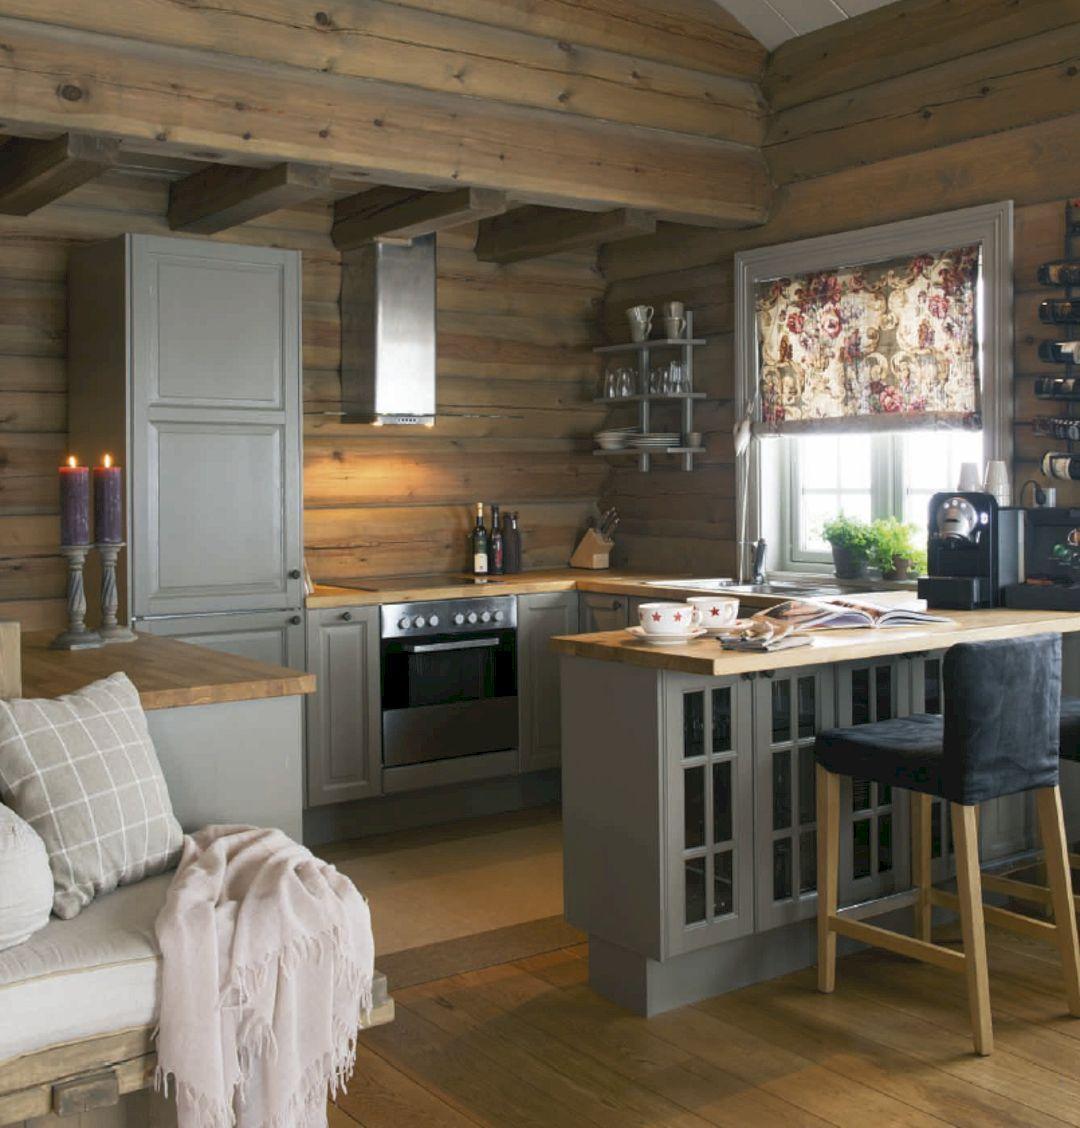 11 Amazing Small House Kitchen Designs Small Cabin Interiors